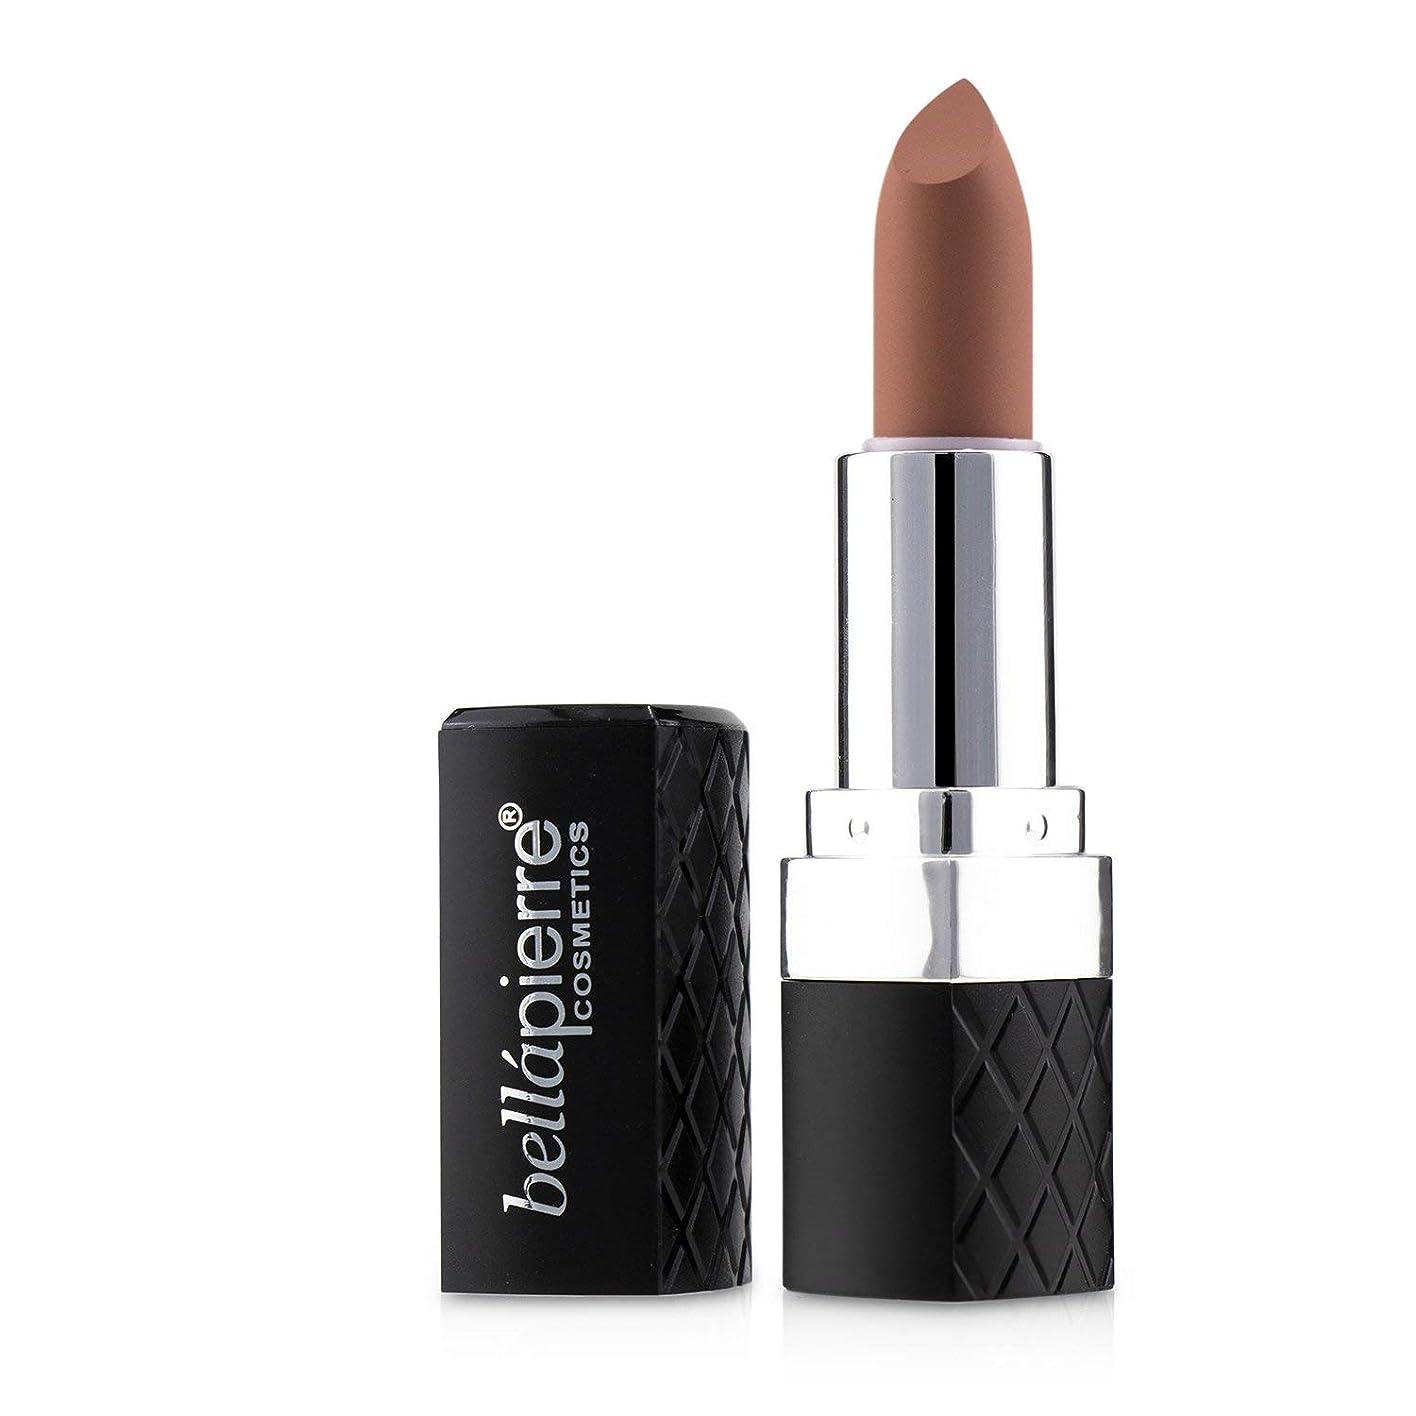 直径スクラップ追うBellapierre Cosmetics Matte Lipstick - # Incognito (Caramel Nude) 3.5g/0.123oz並行輸入品